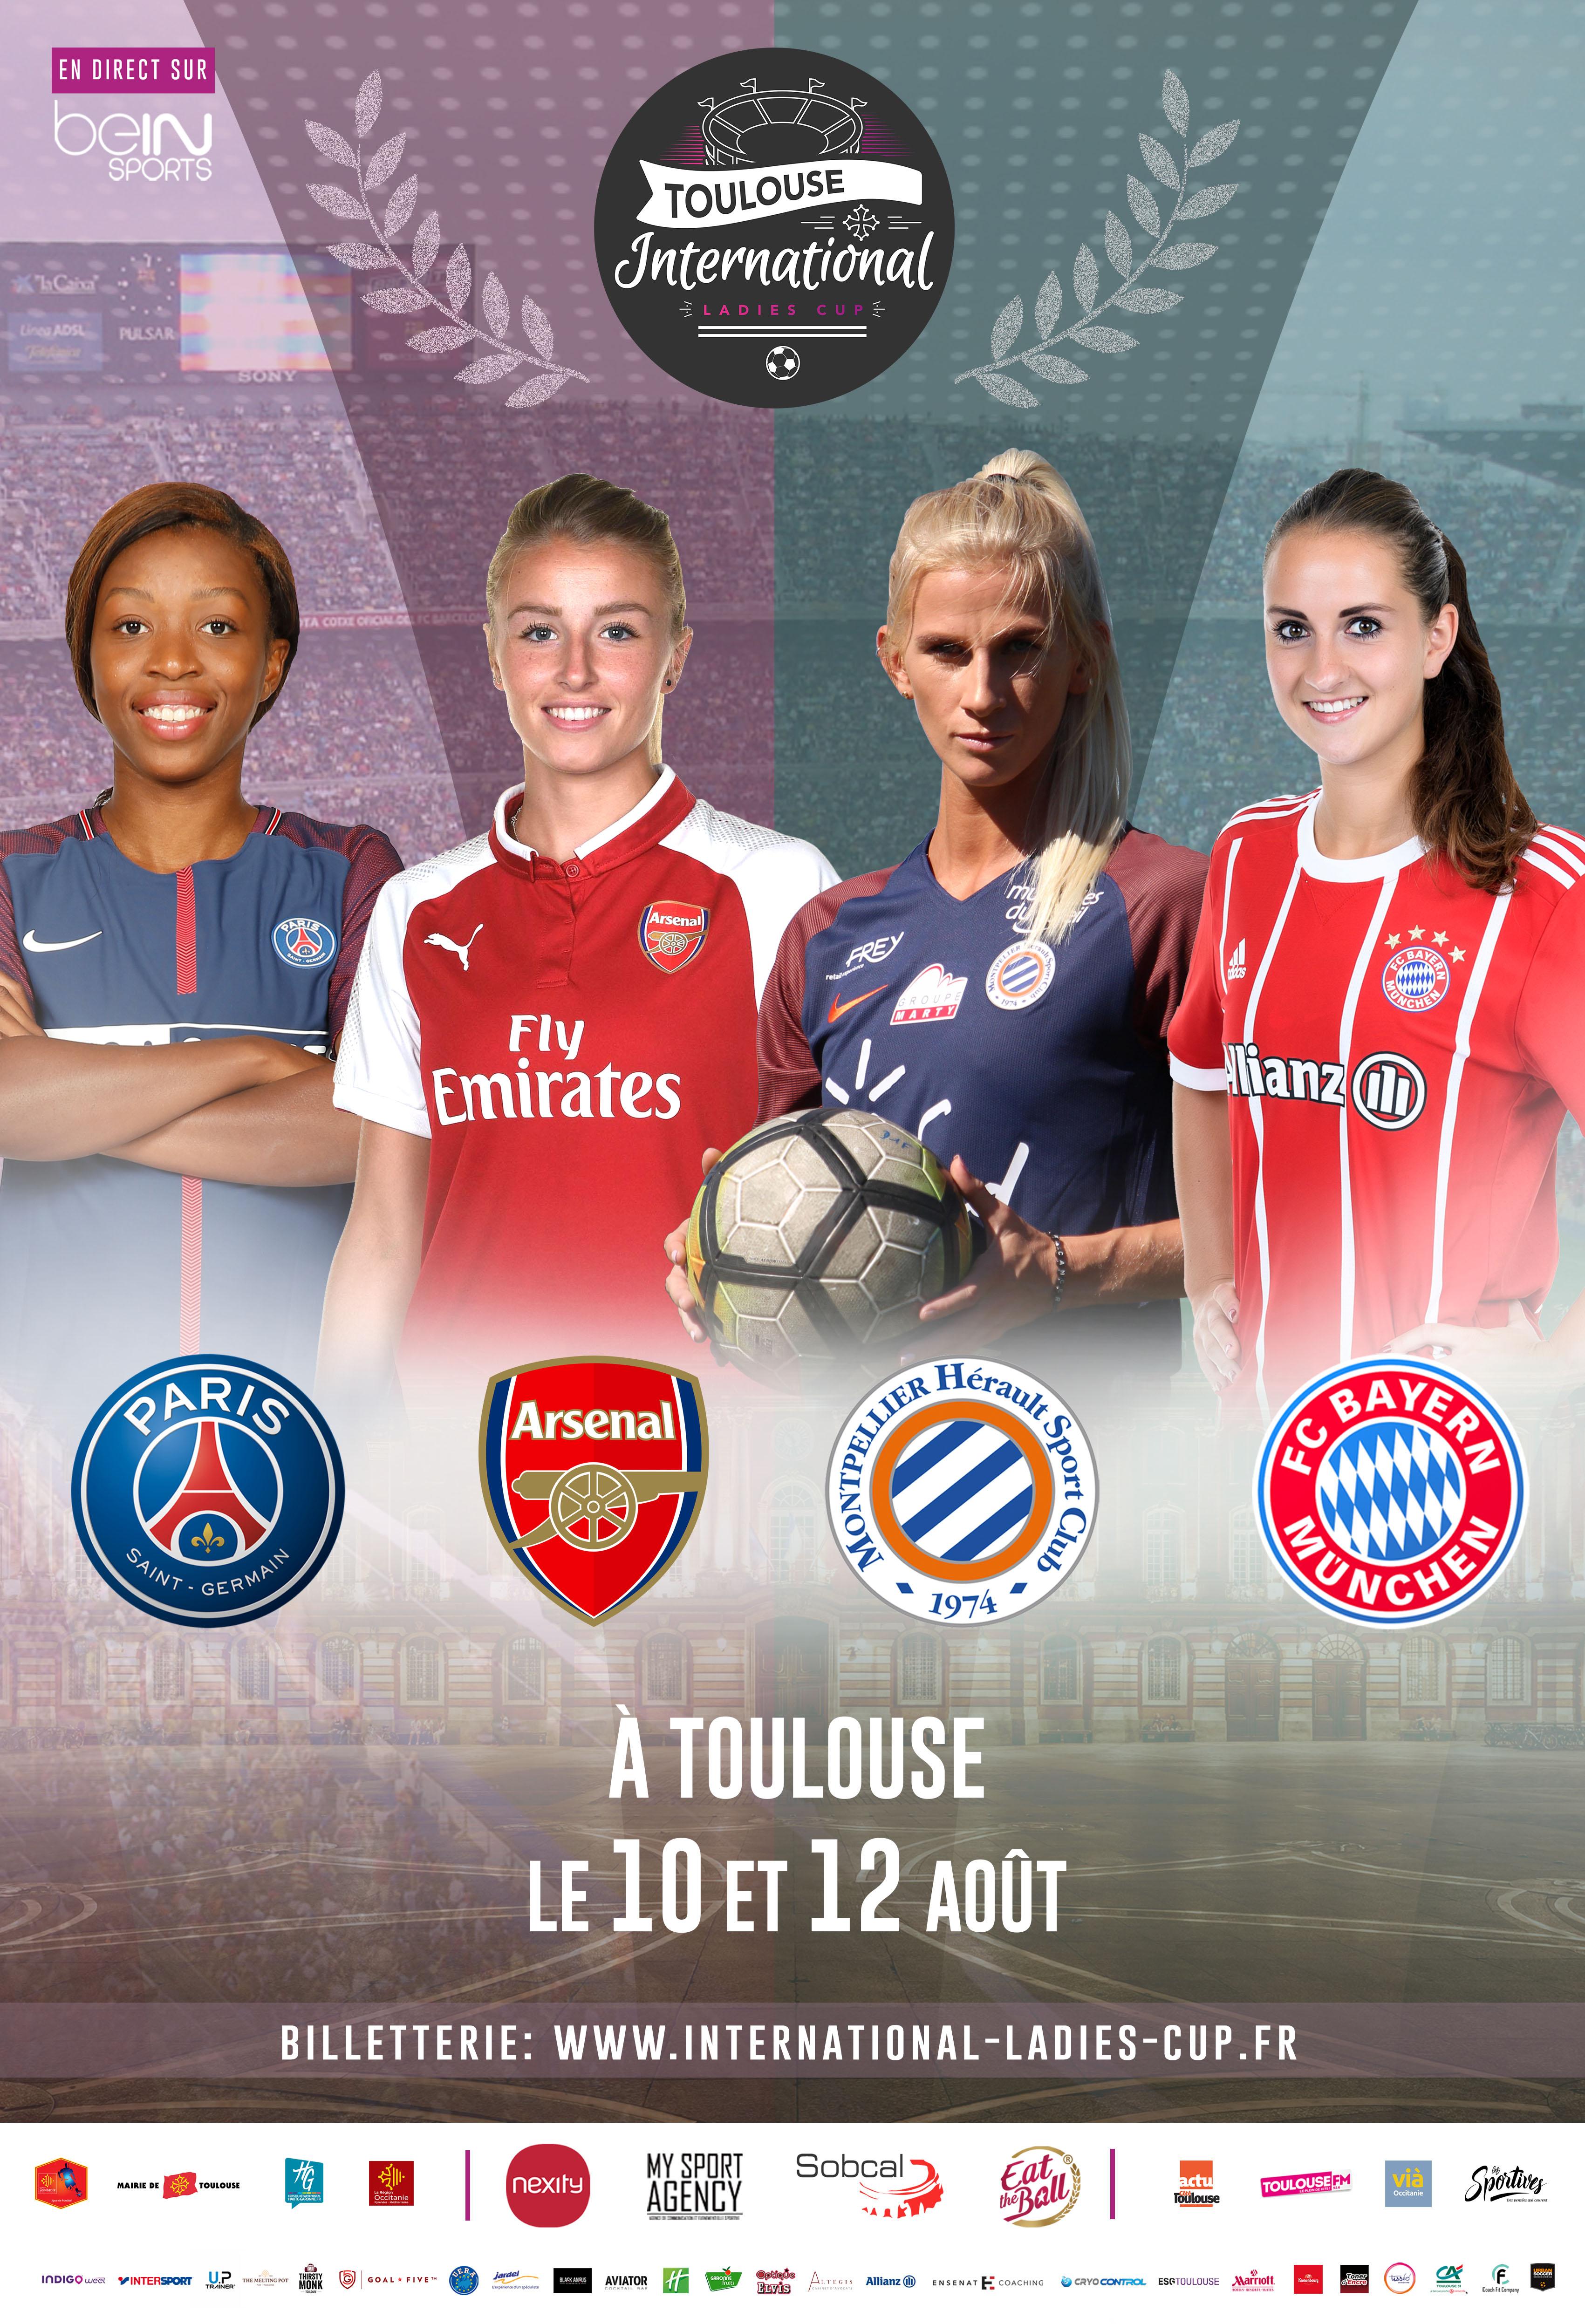 Toulouse International Ladies Cup – Vient voir du beau, du rapide, du vite, du performant, les 10 et 12 Août 2018 ! Cadeau, c'est pour toi !